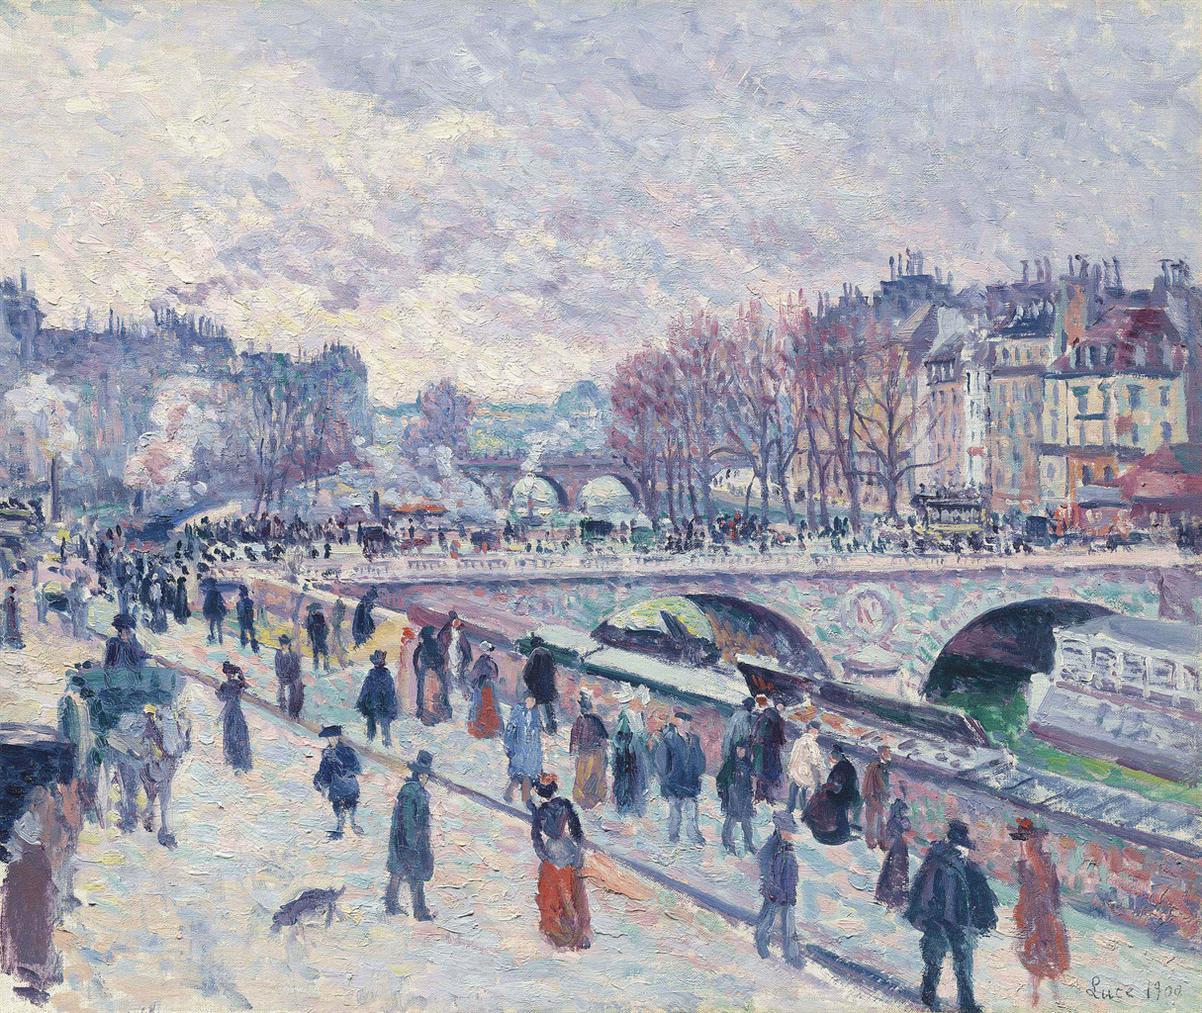 Maximilien Luce-Le Quai Saint-Michel-1900